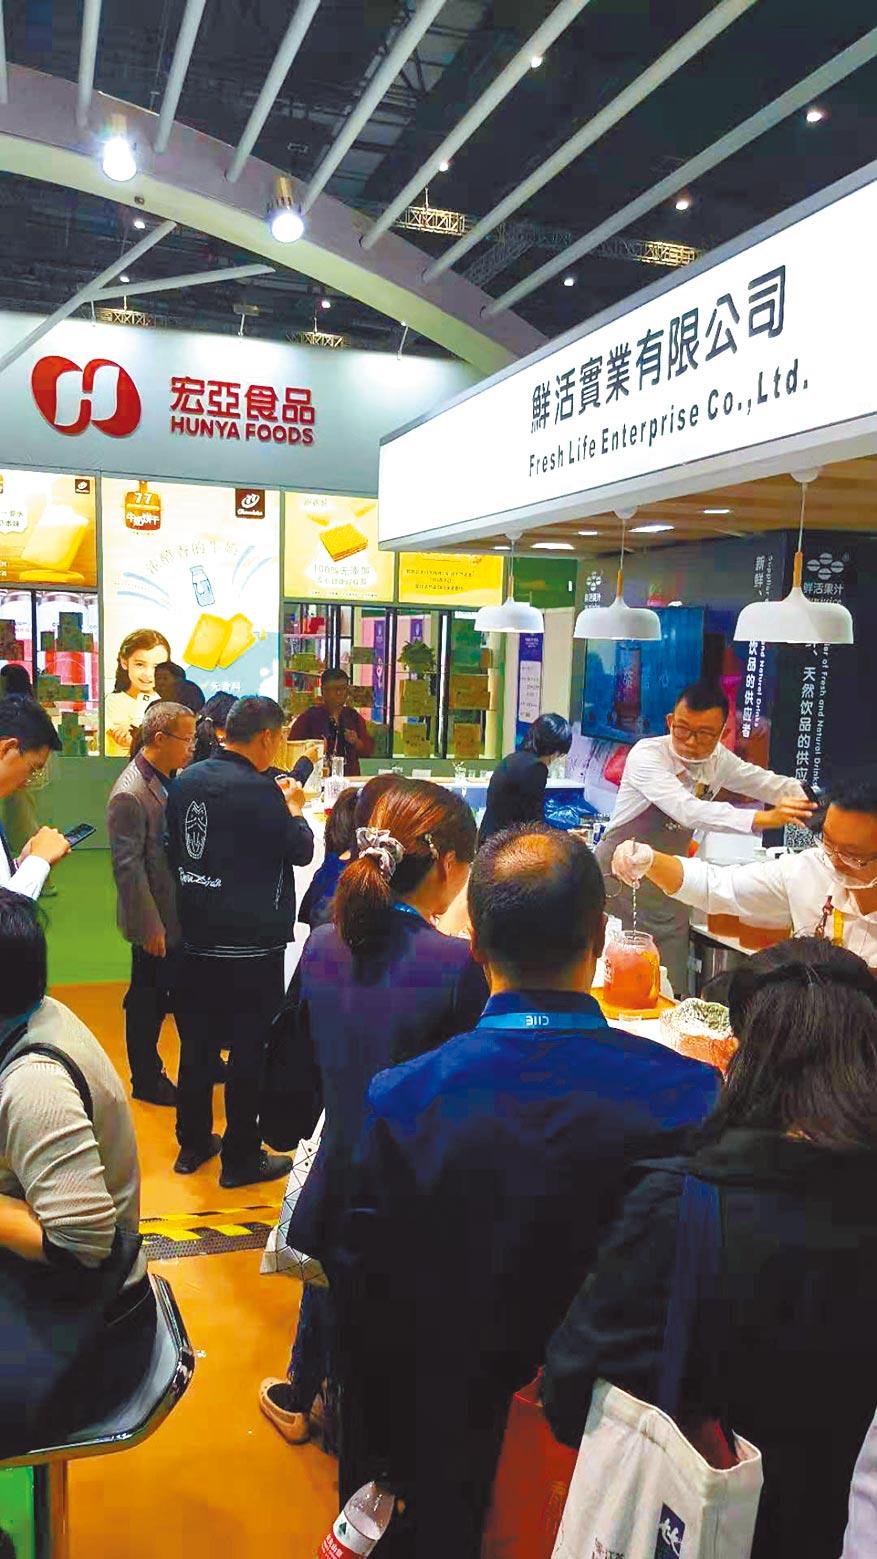 第二屆進博會上,不少台灣知名食品業者參展。(記者葉文義攝)